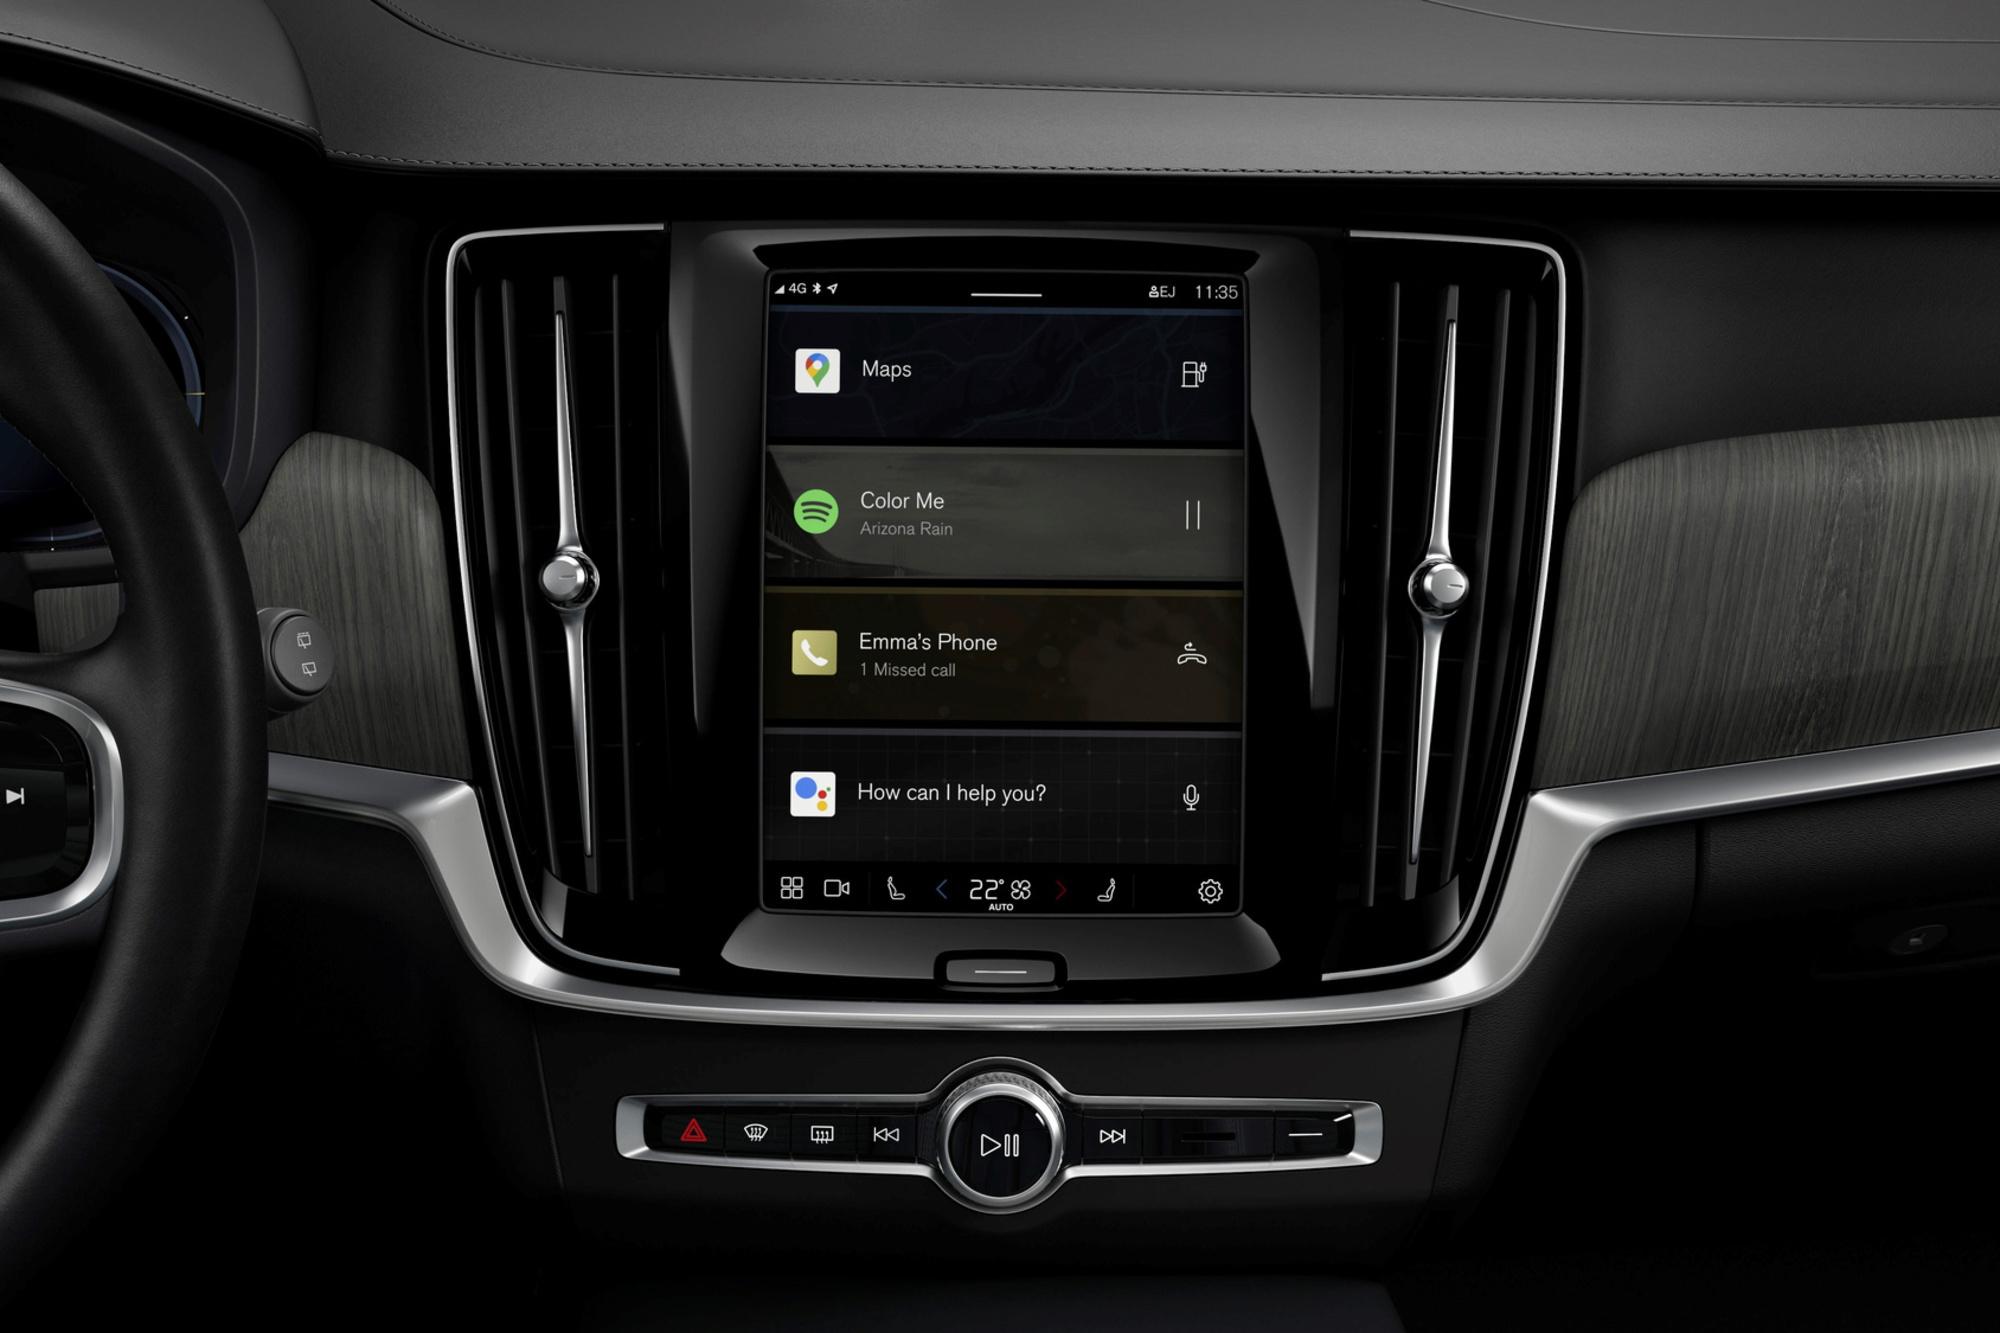 Contrairement à Android Auto, plus besoin d'appairer son téléphone pour profiter de l'univers Google, il est autonome à bord du véhicule., GF